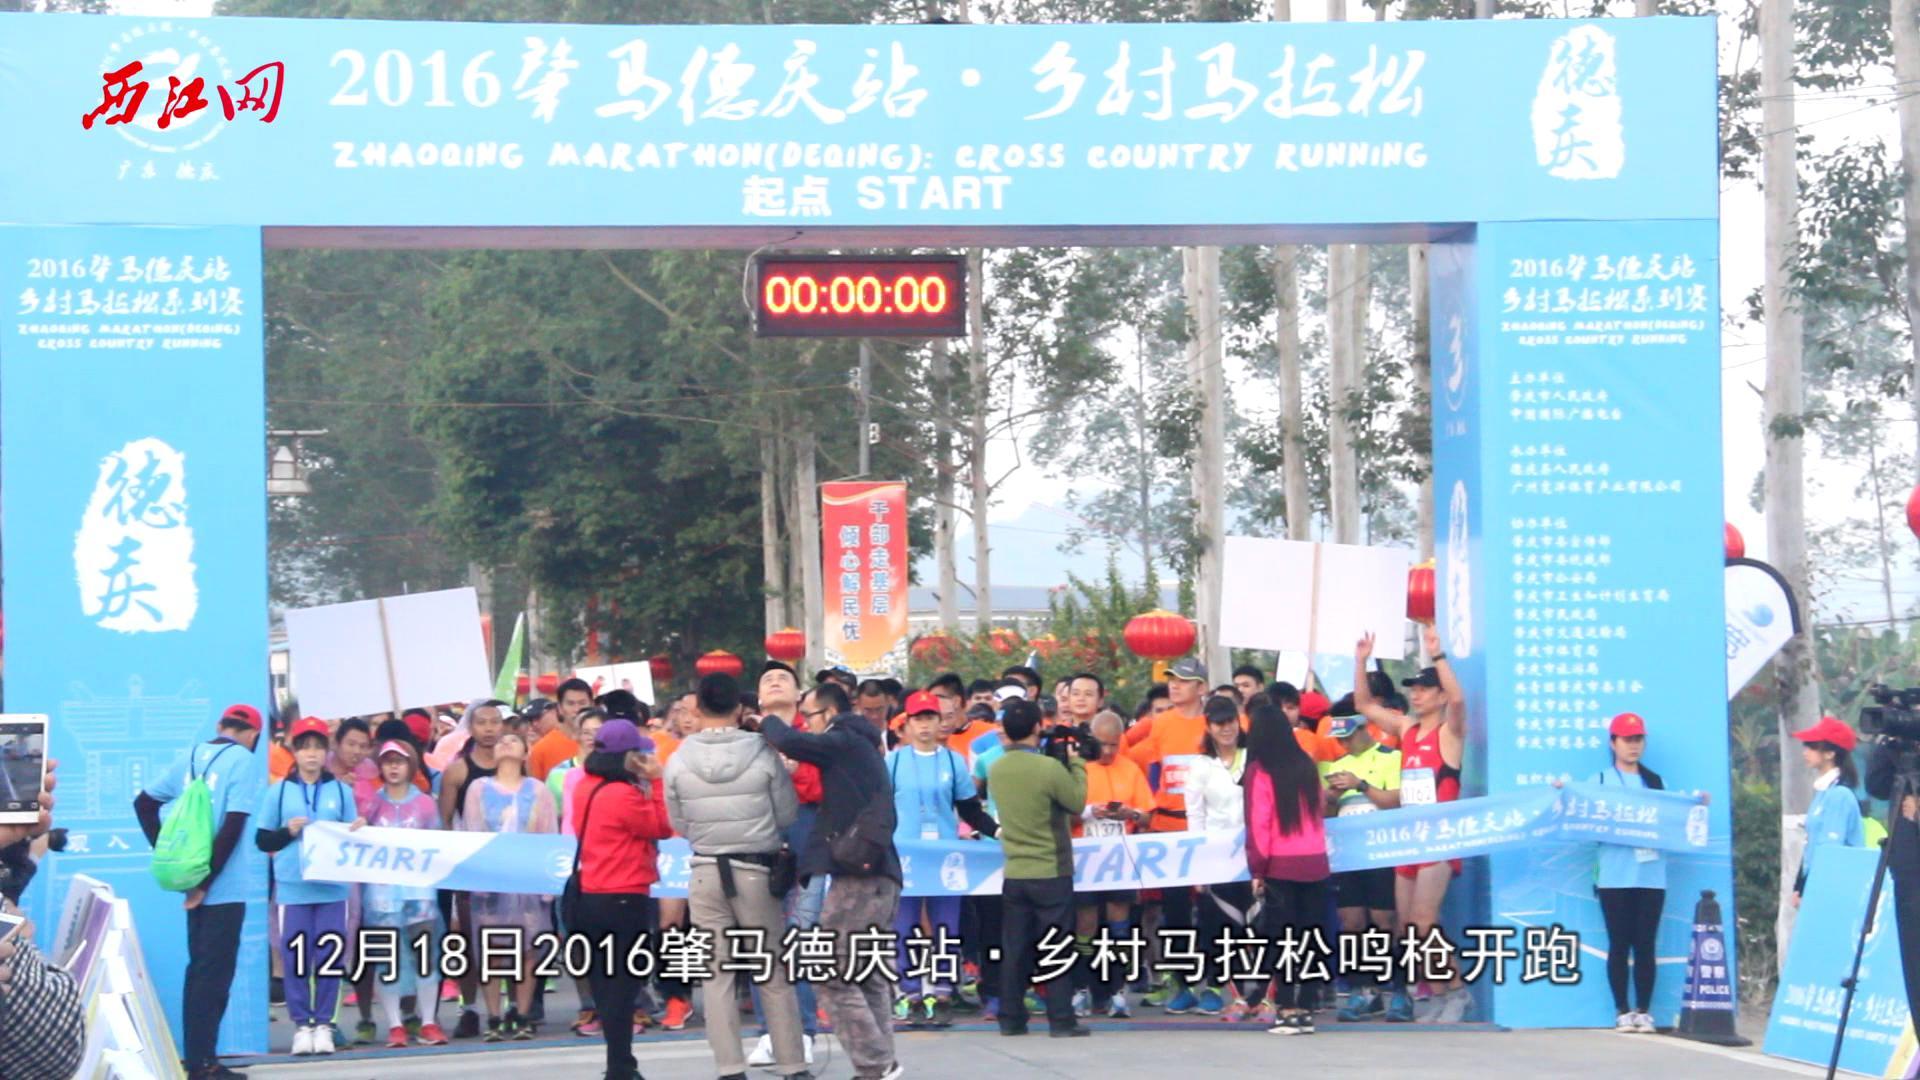 肇庆马拉松,欢跑山水中——广东省首个乡村马拉松在德庆圆满完赛